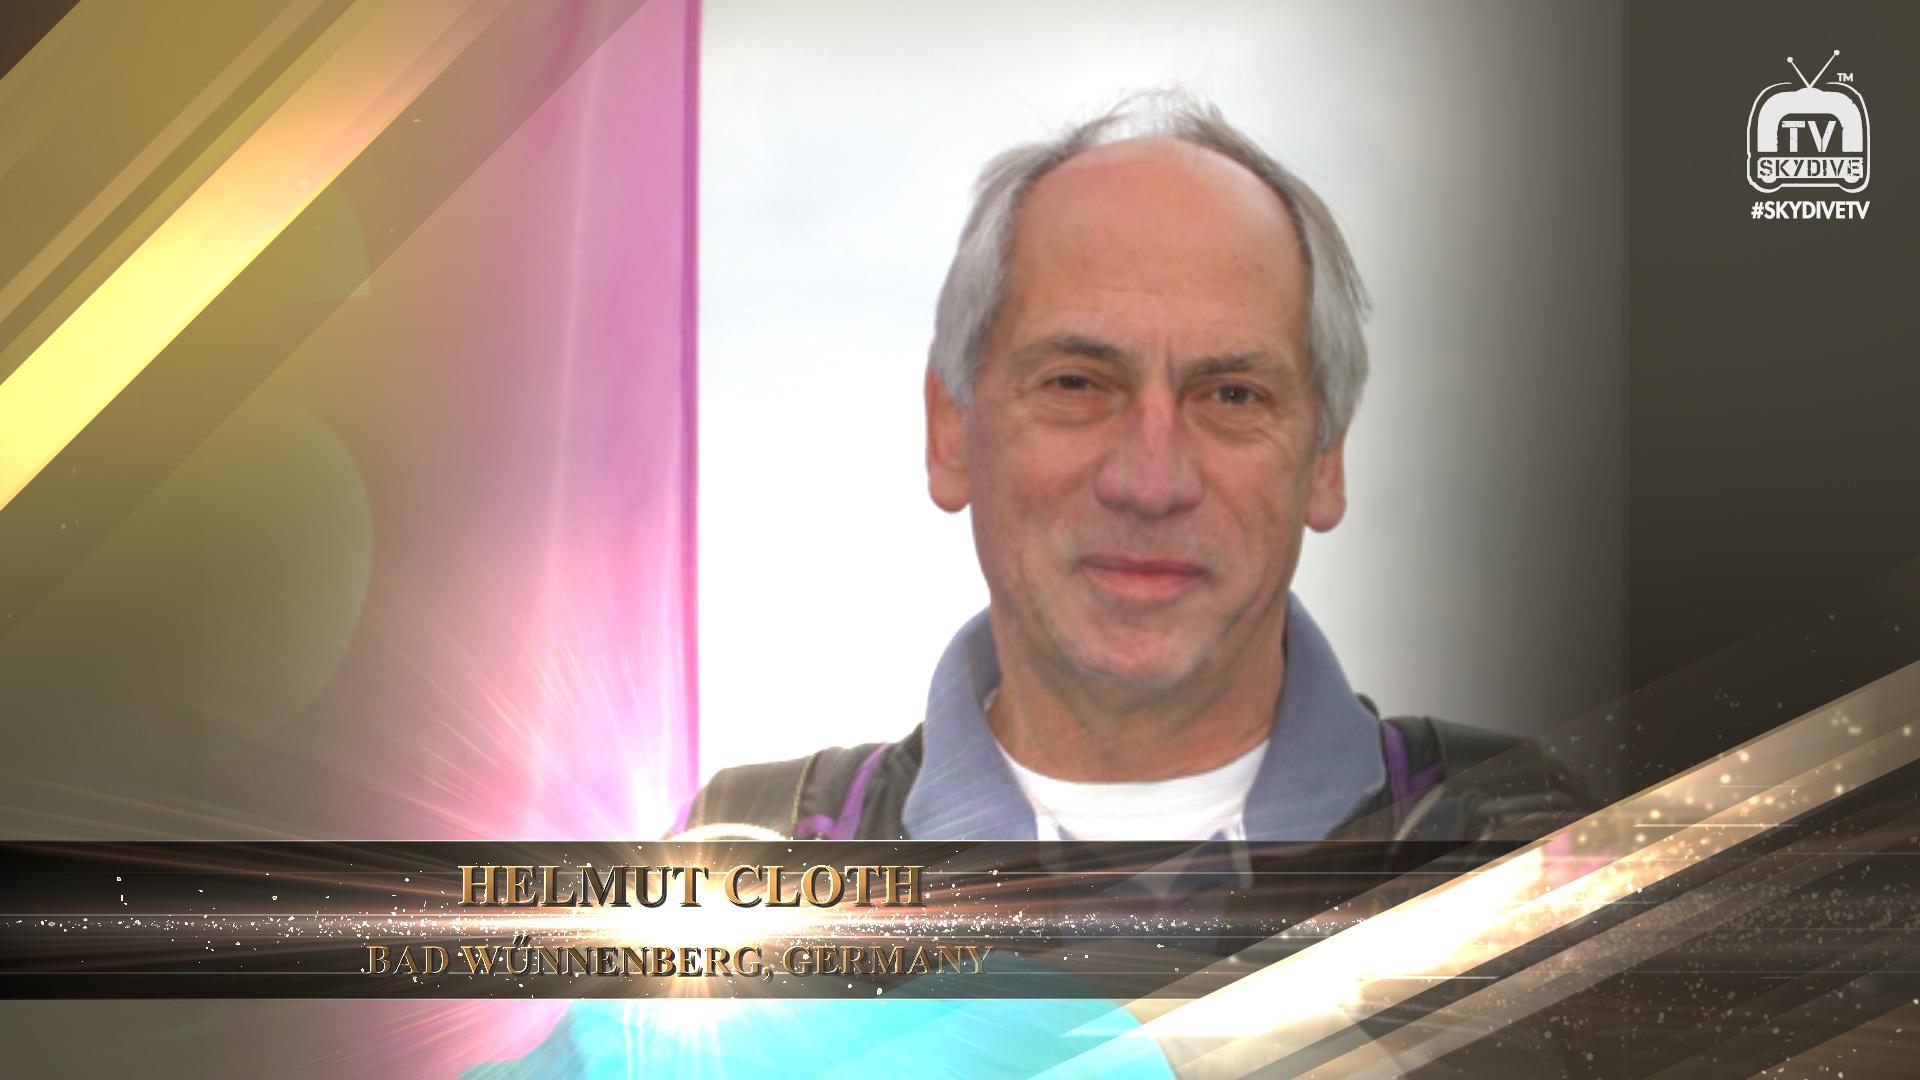 Helmut Cloth